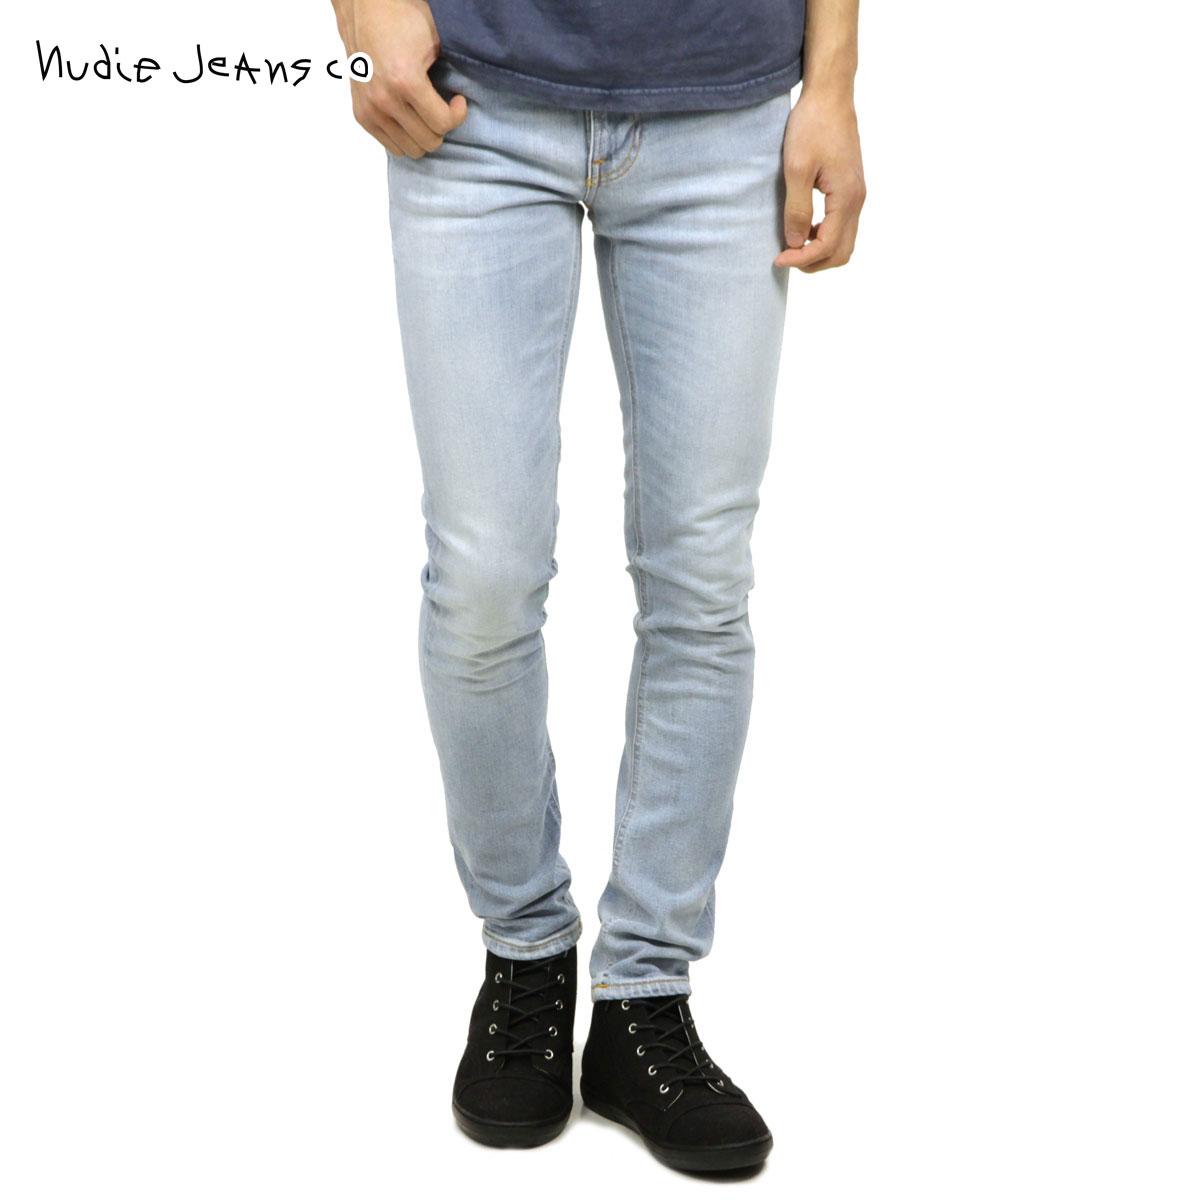 ヌーディージーンズ Nudie Jeans 正規販売店 メンズ ジーンズ リーンディーン LEAN DEAN JEANS CLASSIC USED 862 1126520